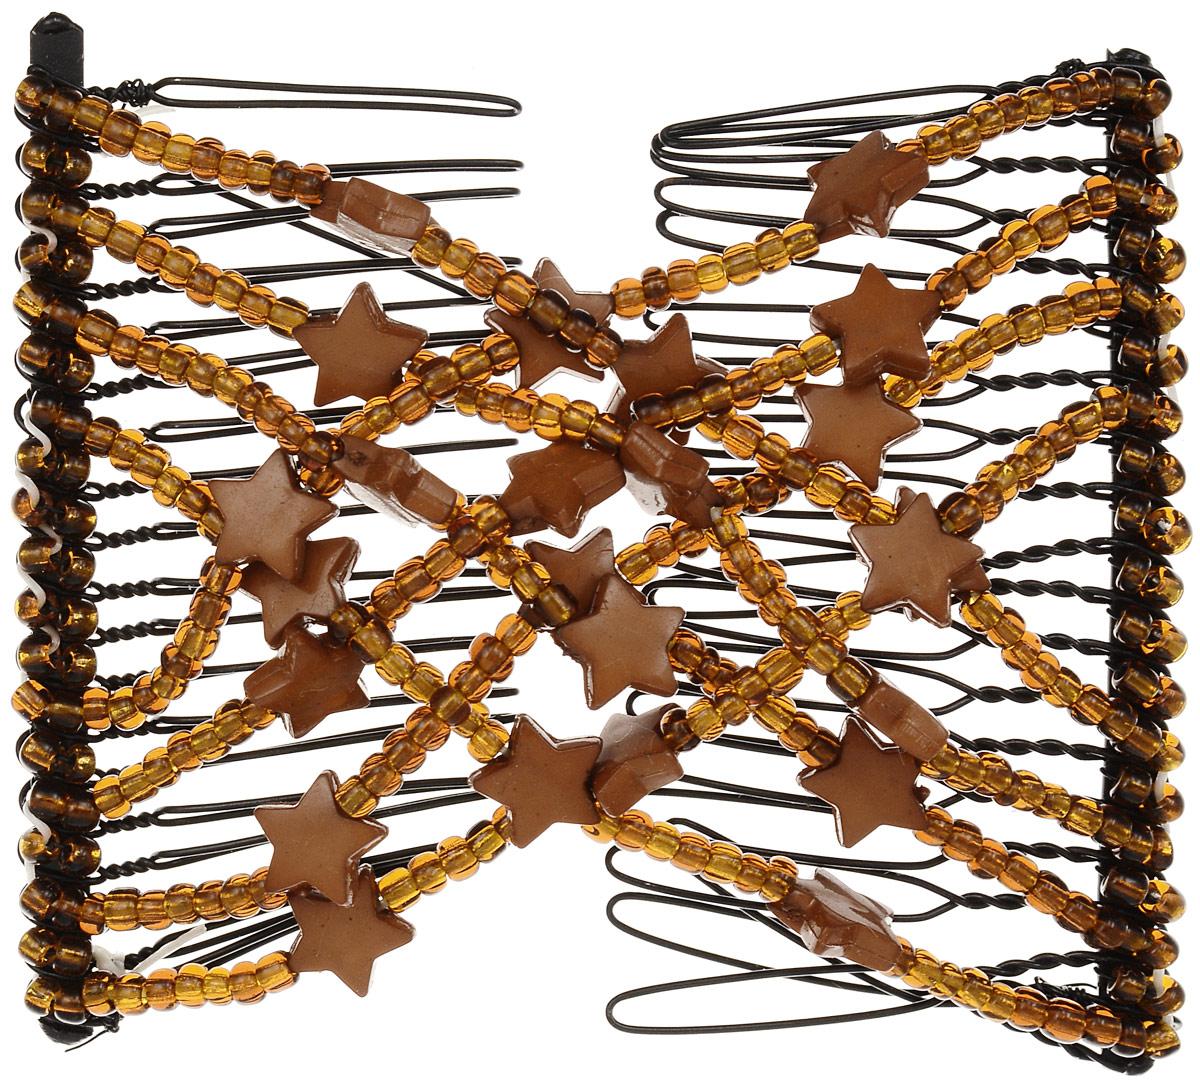 EZ-Combs Заколка Изи-Комбс, одинарная, цвет: коричневый. ЗИО_звездыSatin Hair 7 BR730MNУдобная и практичная EZ-Combs подходит для любого типа волос: тонких, жестких, вьющихся или прямых, и не наносит им никакого вреда. Заколка не мешает движениям головы и не создает дискомфорта, когда вы отдыхаете или управляете автомобилем. Каждый гребень имеет по 20 зубьев для надежной фиксации заколки на волосах! И даже во время бега и интенсивных тренировок в спортзале EZ-Combs не падает; она прочно фиксирует прическу, сохраняя укладку в первозданном виде.Небольшая и легкая заколка для волос EZ-Combs поместится в любой дамской сумочке, позволяя быстро и без особых усилий создавать неповторимые прически там, где вам это удобно. Гребень прекрасно сочетается с любой одеждой: будь это классический или спортивный стиль, завершая гармоничный облик современной леди. И неважно, какой образ жизни вы ведете, если у вас есть EZ-Combs, вы всегда будете выглядеть потрясающе.